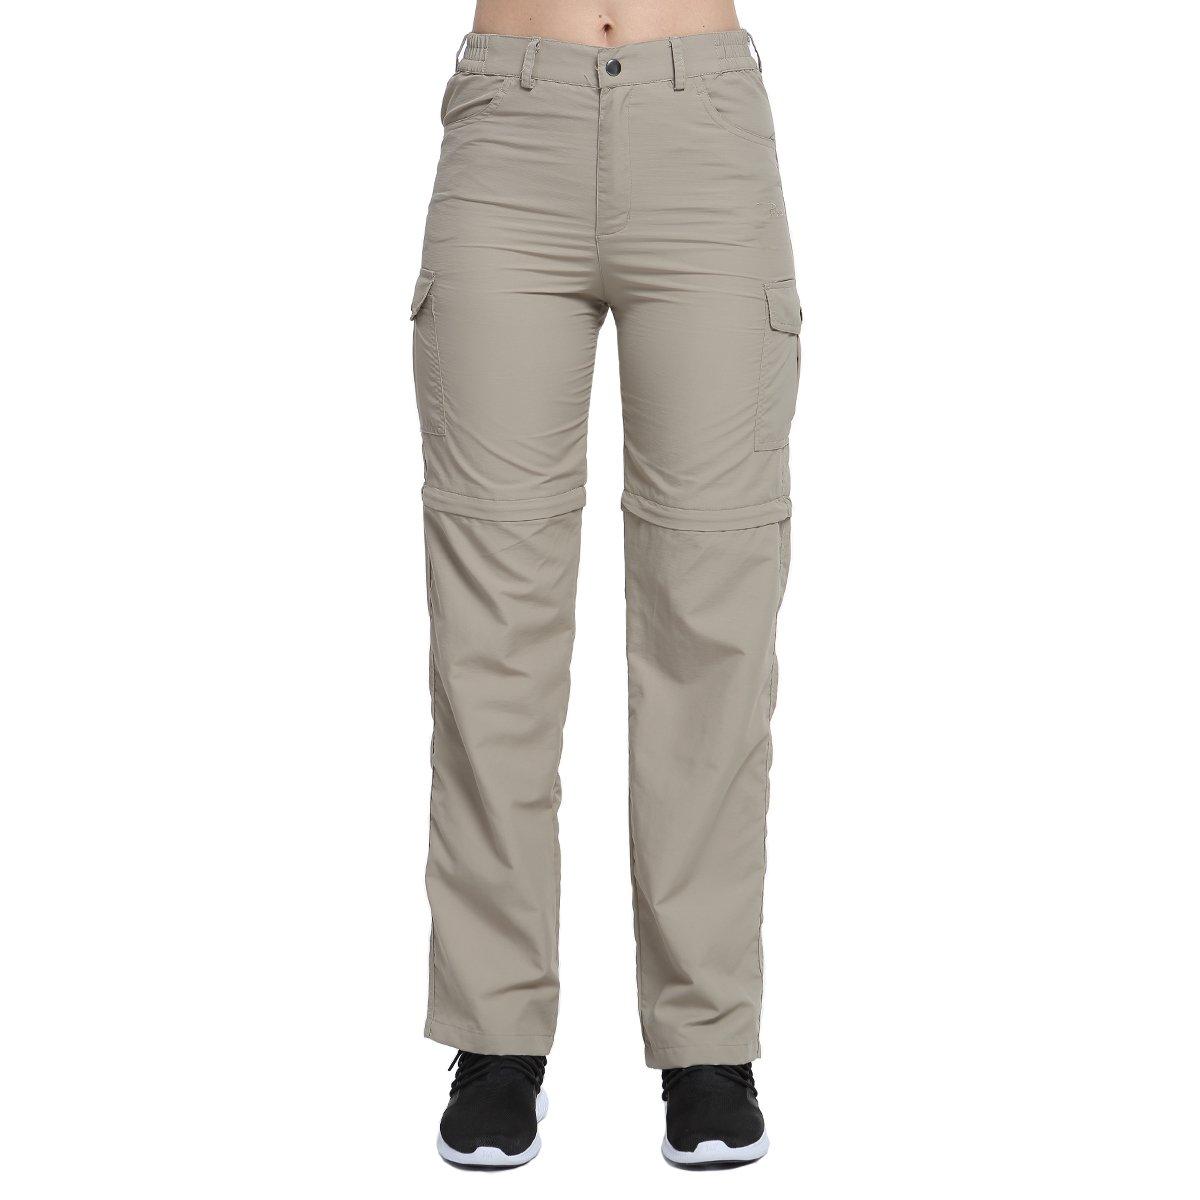 Phibee Pantalones Convertibles de Mujer Pantalones de Senderismo Extraíbles de Secado Rápido para Exteriores Kangya